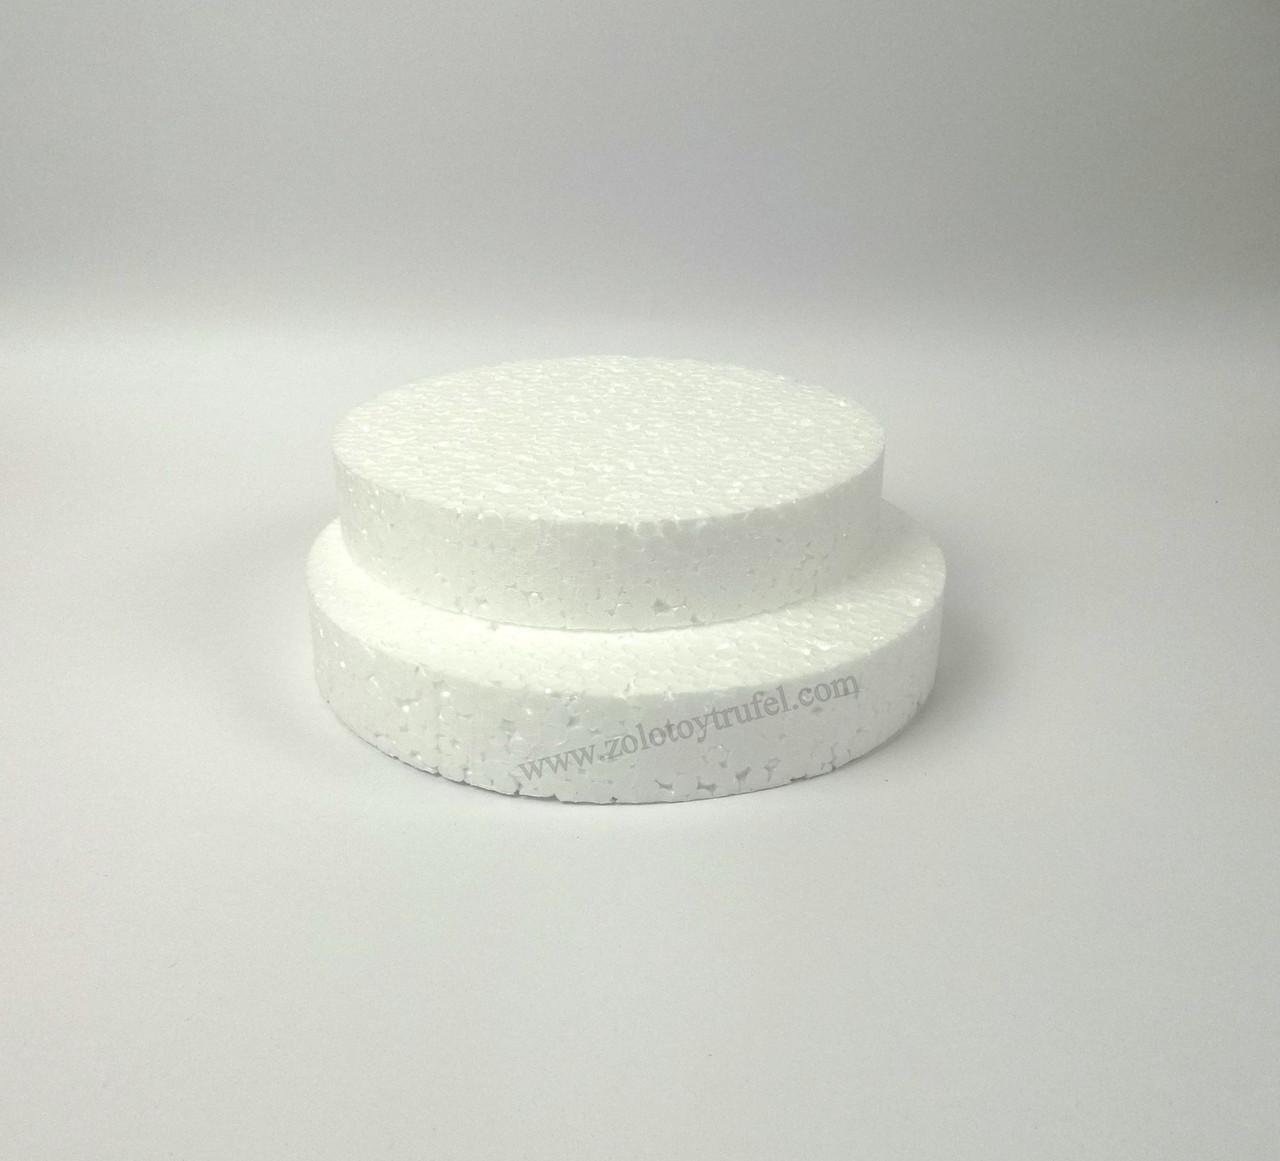 Прослойки пенопластовые для торта d 48 см h 3 см